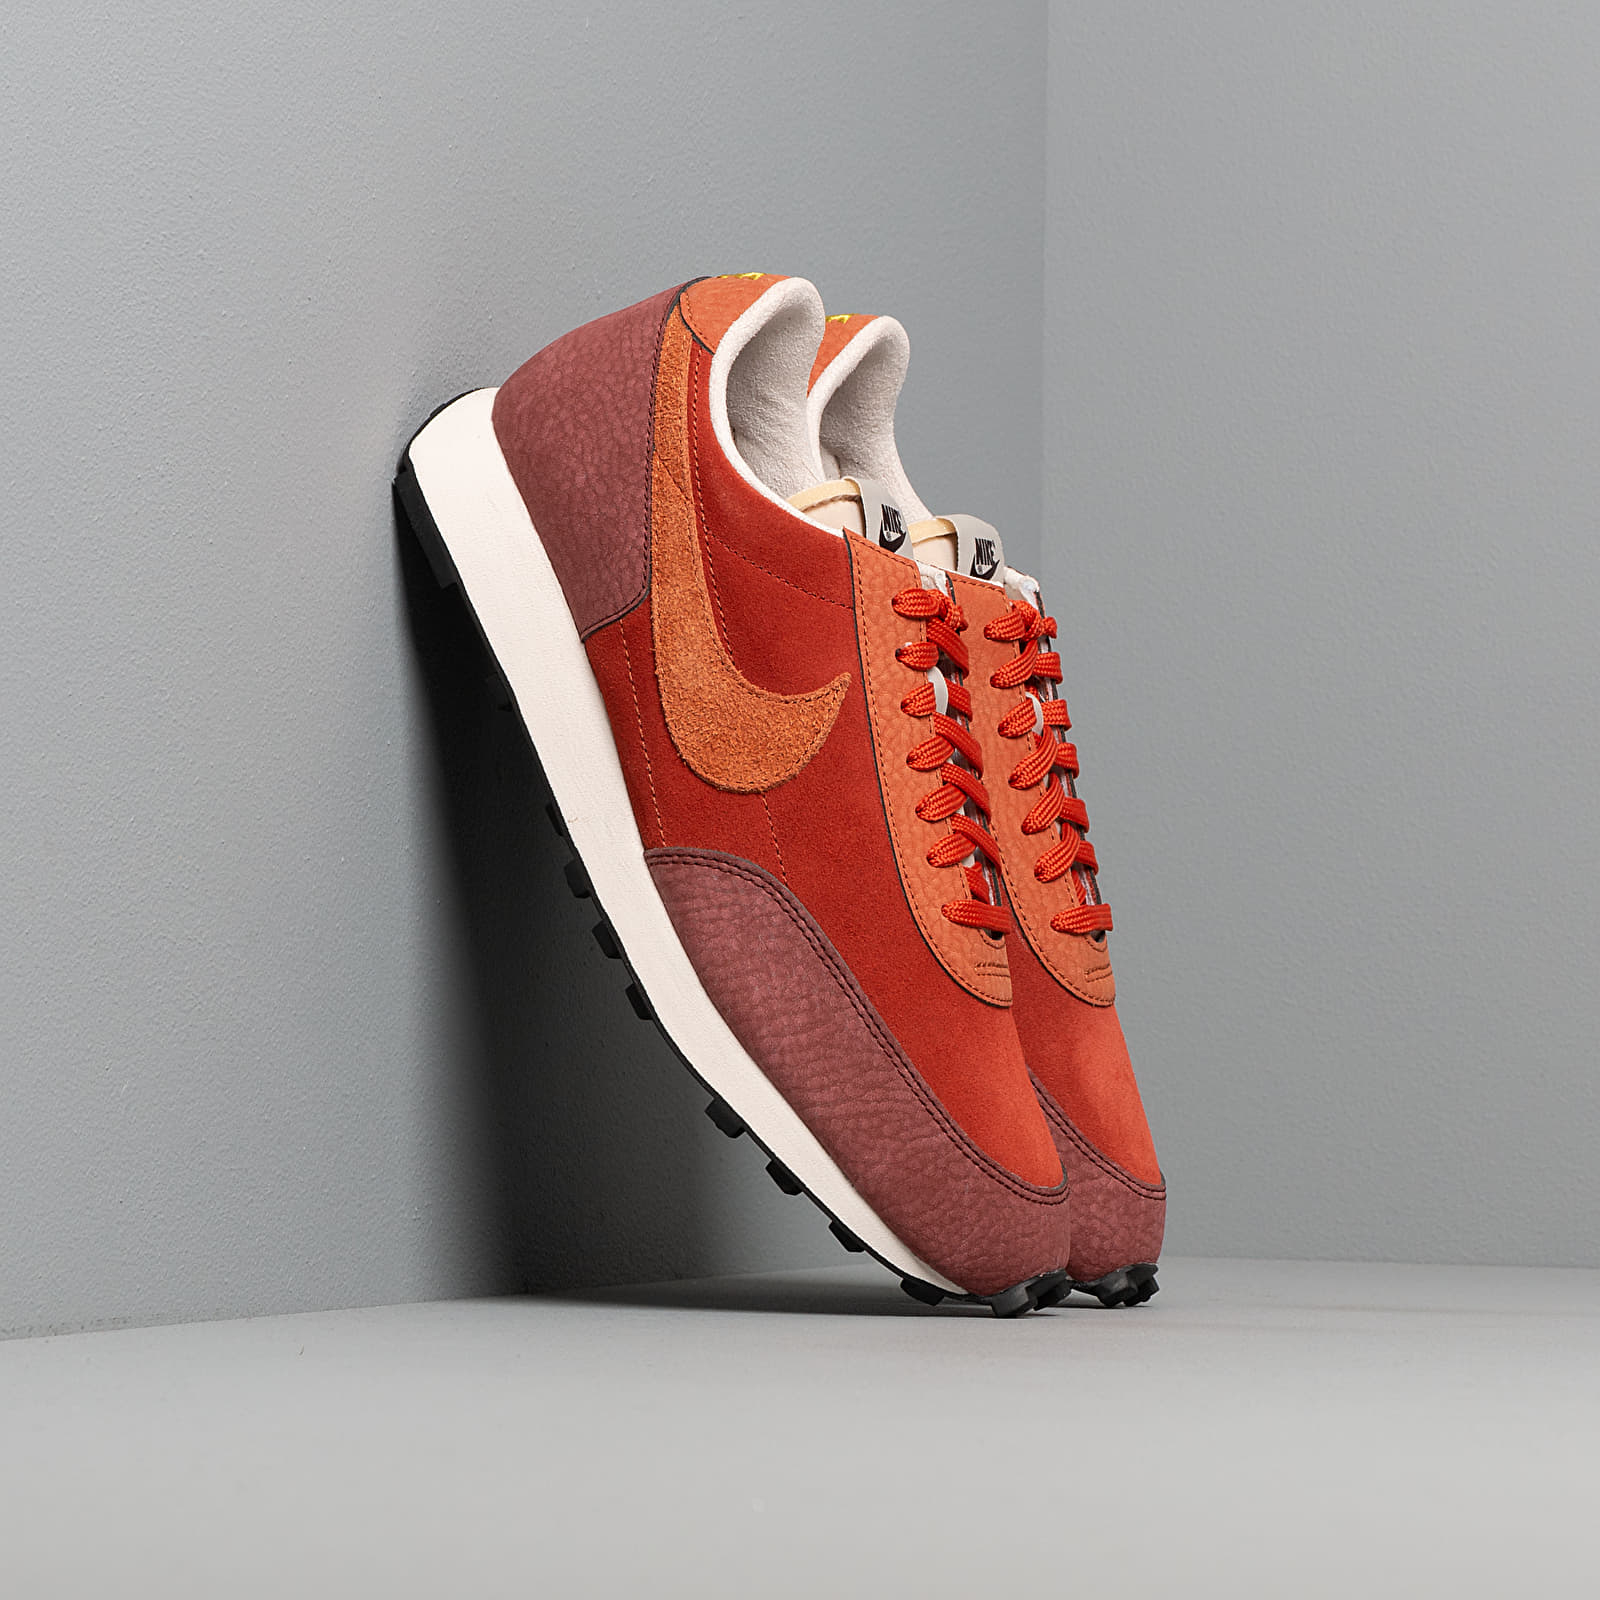 Férfi cipők Nike Daybreak Rugged Orange/ Desert Orange-Pueblo Brown